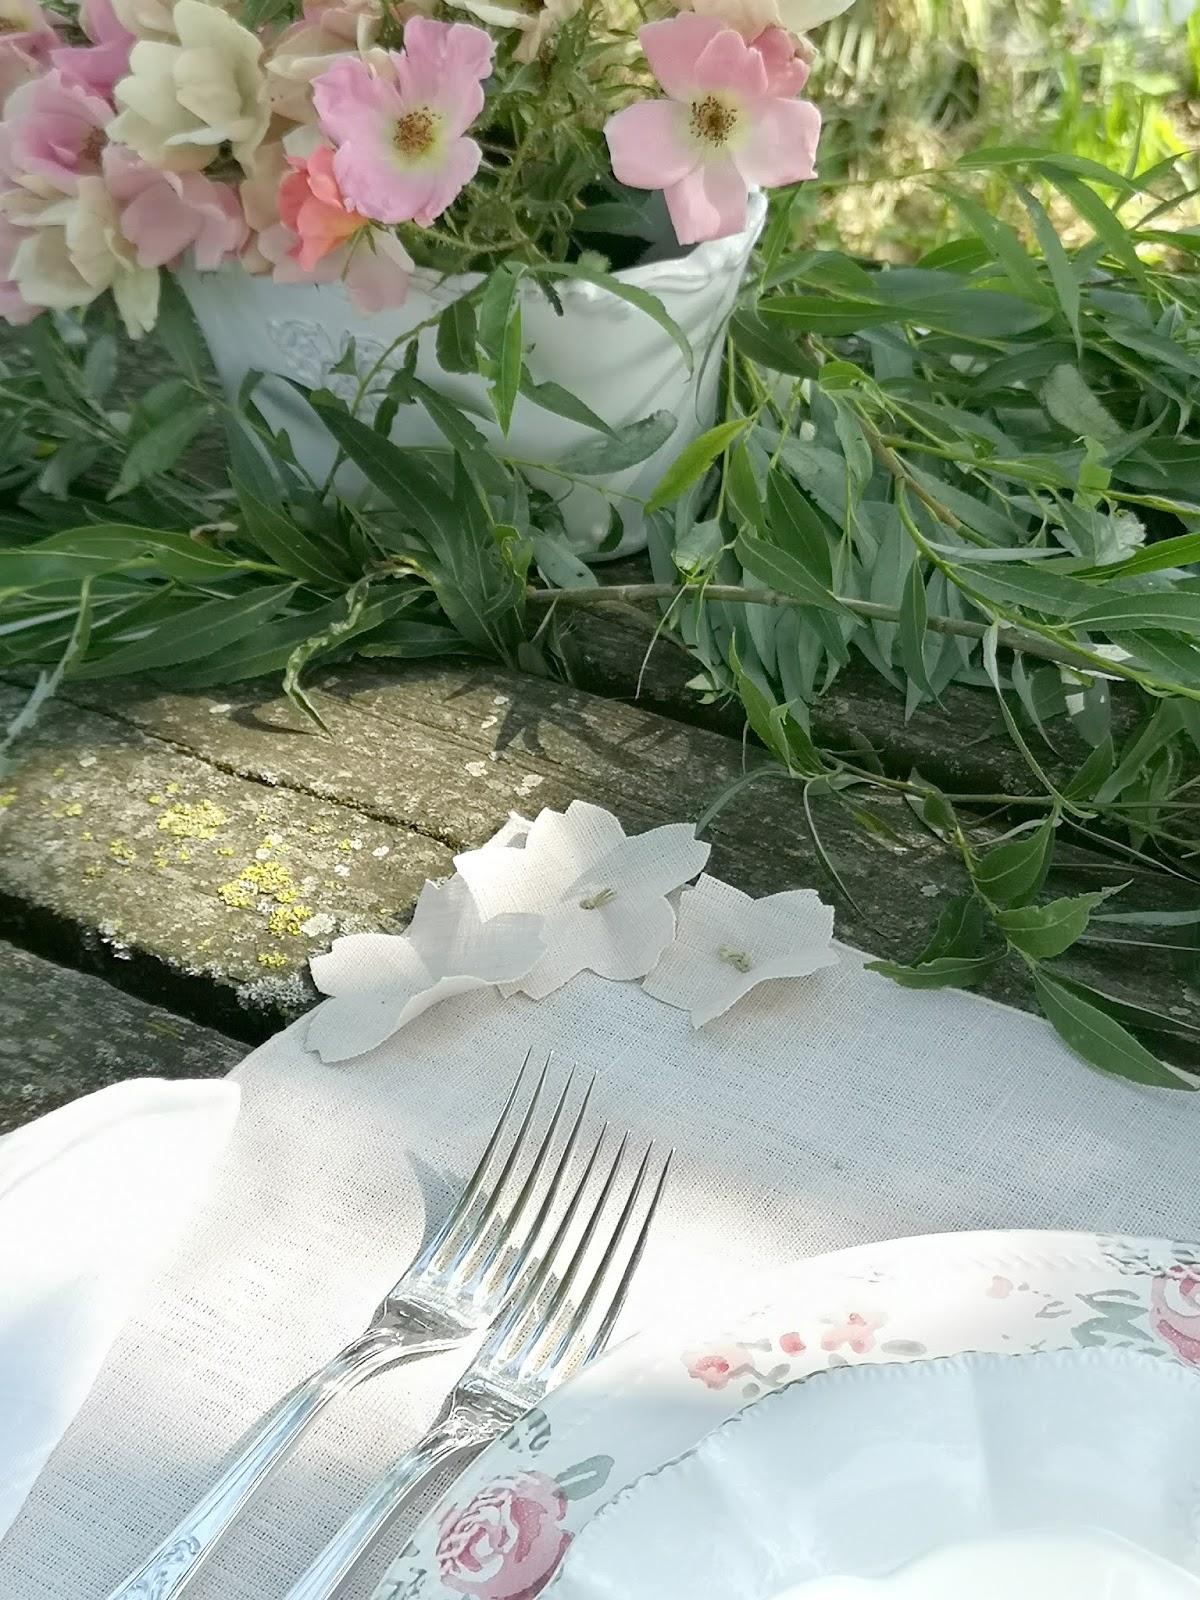 la tavola per il picnic